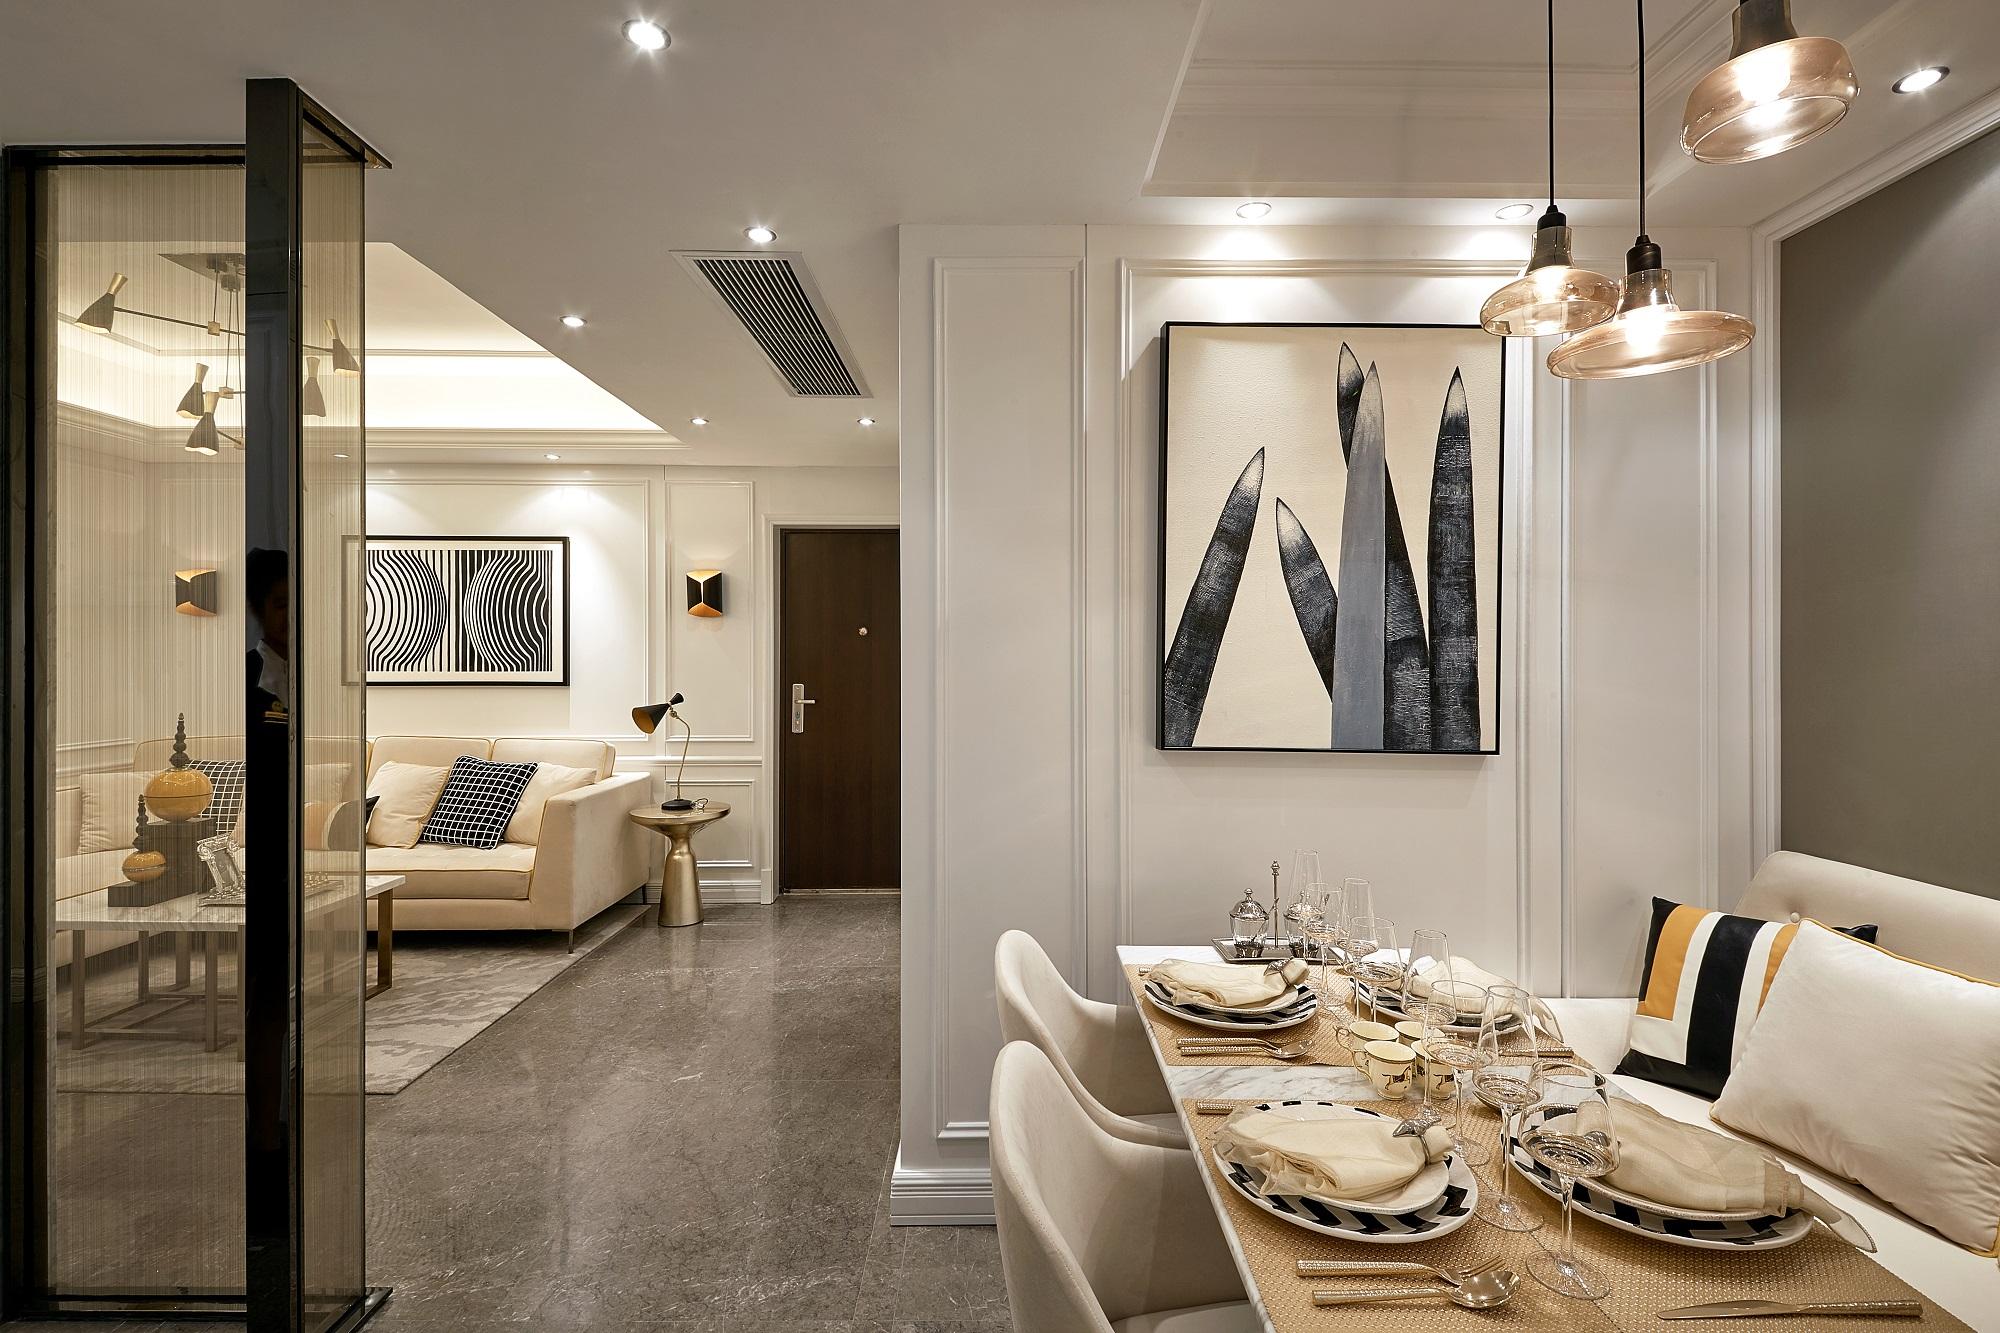 餐厅设计卡座,让空间利用更完美,背景墙画能提升整体空间的时尚感。